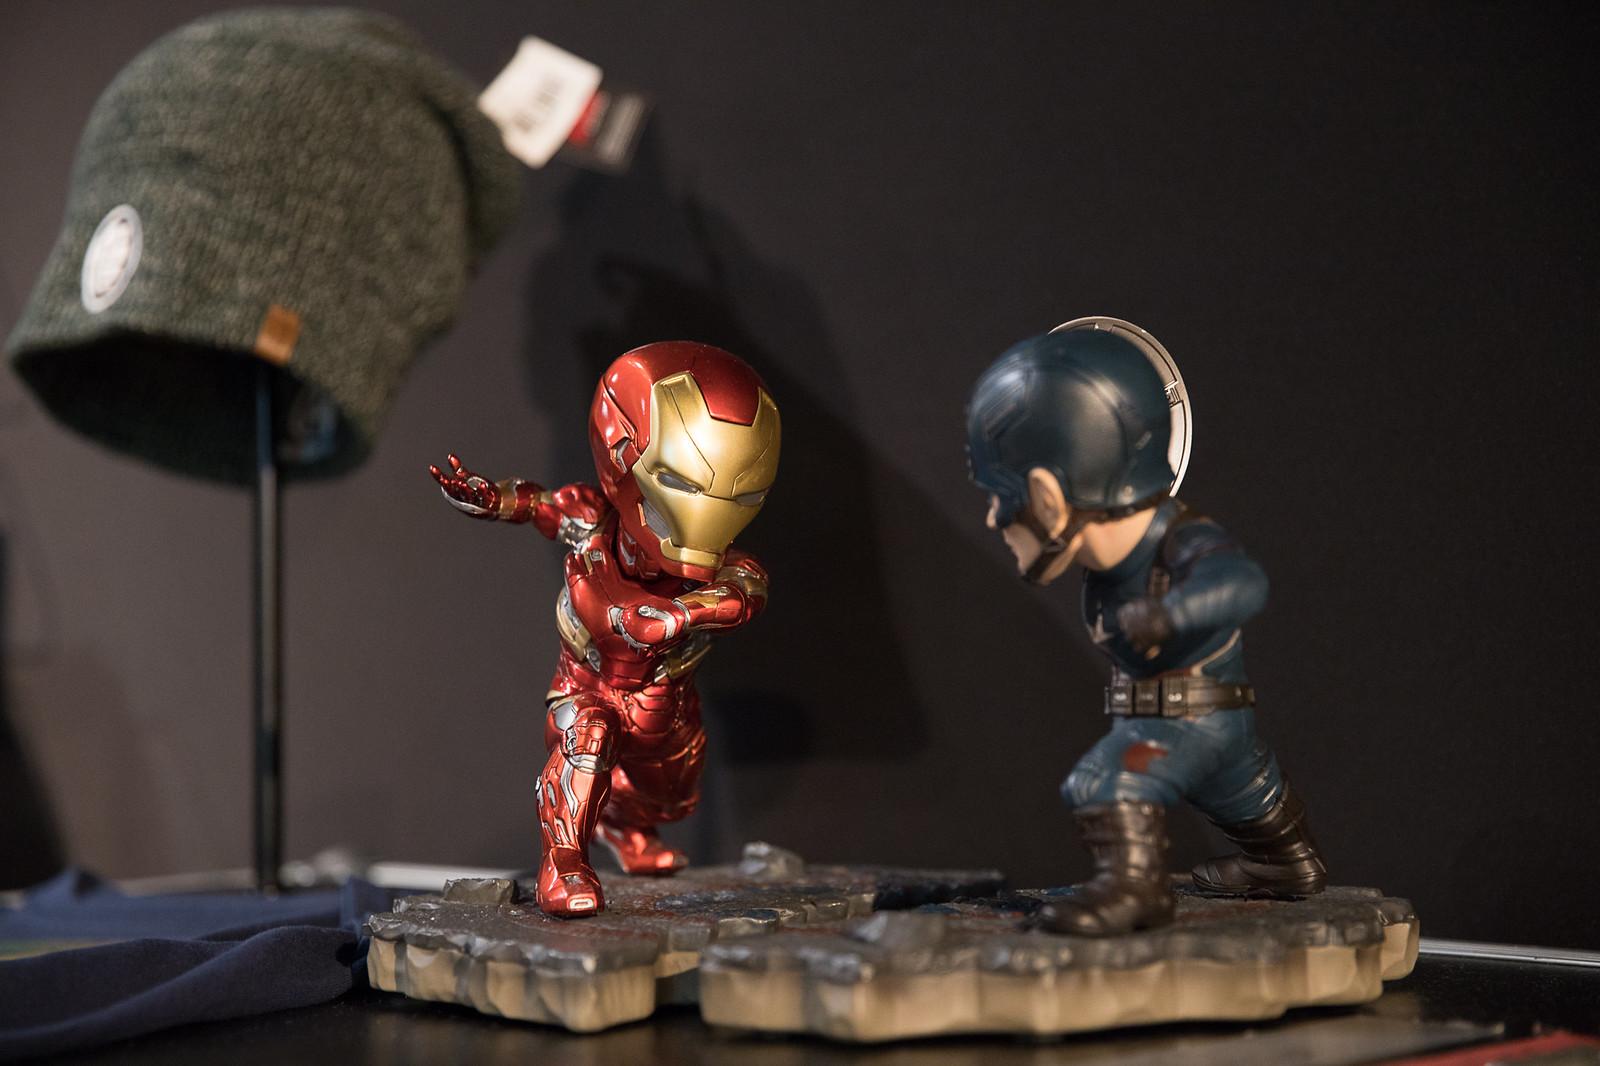 Avengers-BestofToronto-2021-014